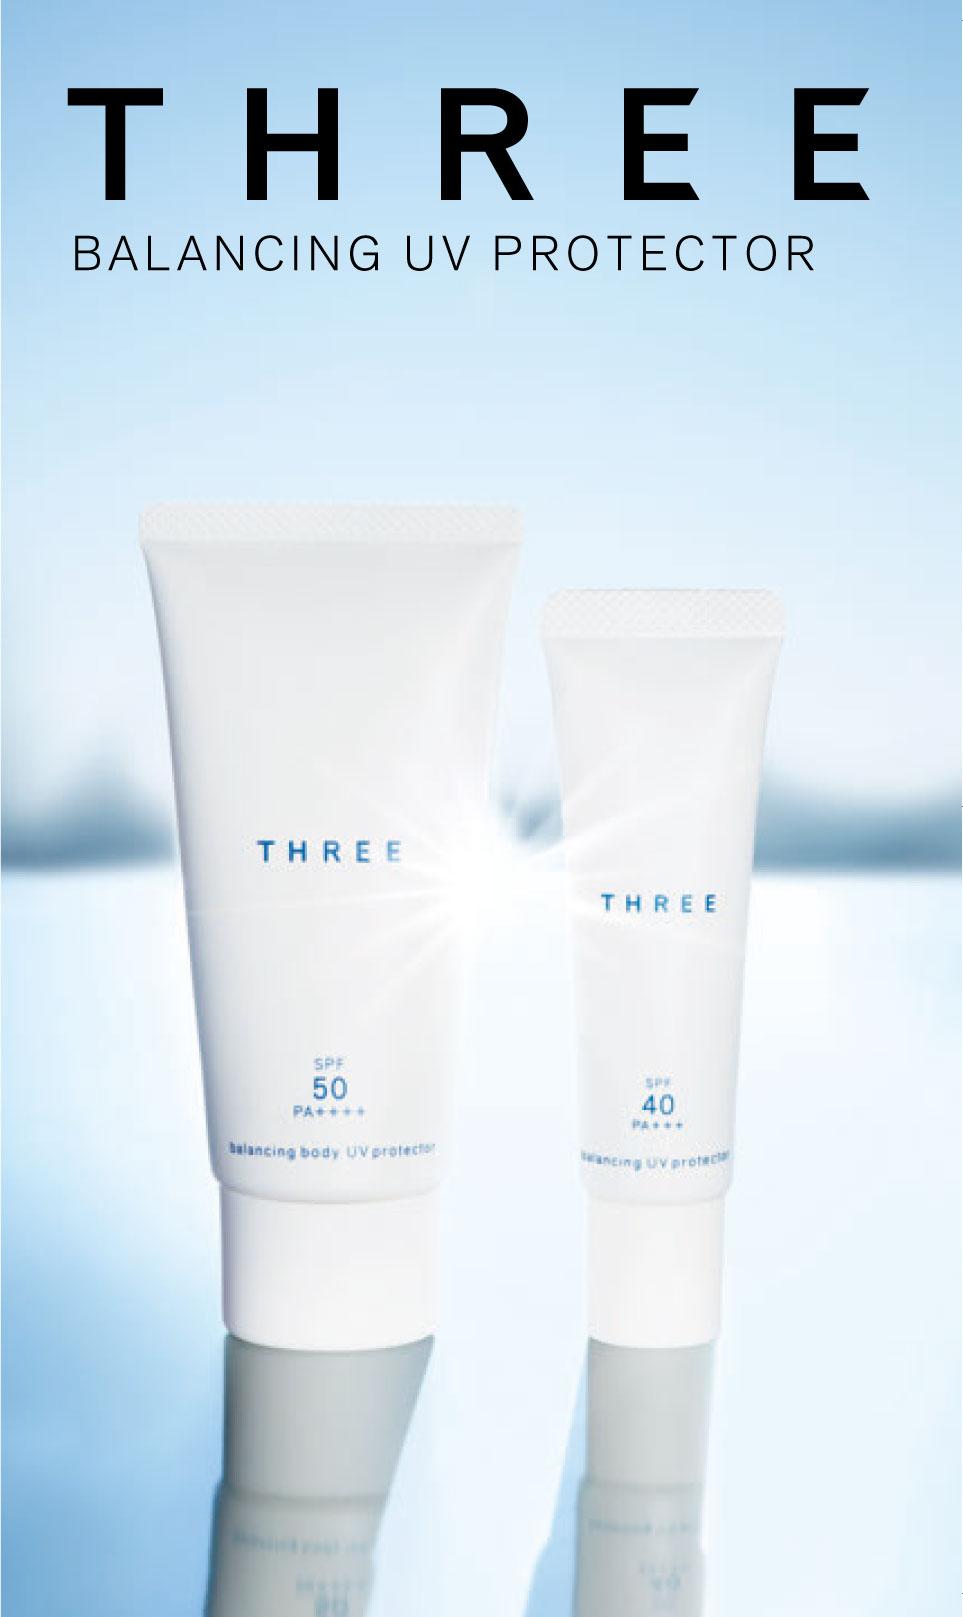 THREE BALANCING UV PROTECTOR